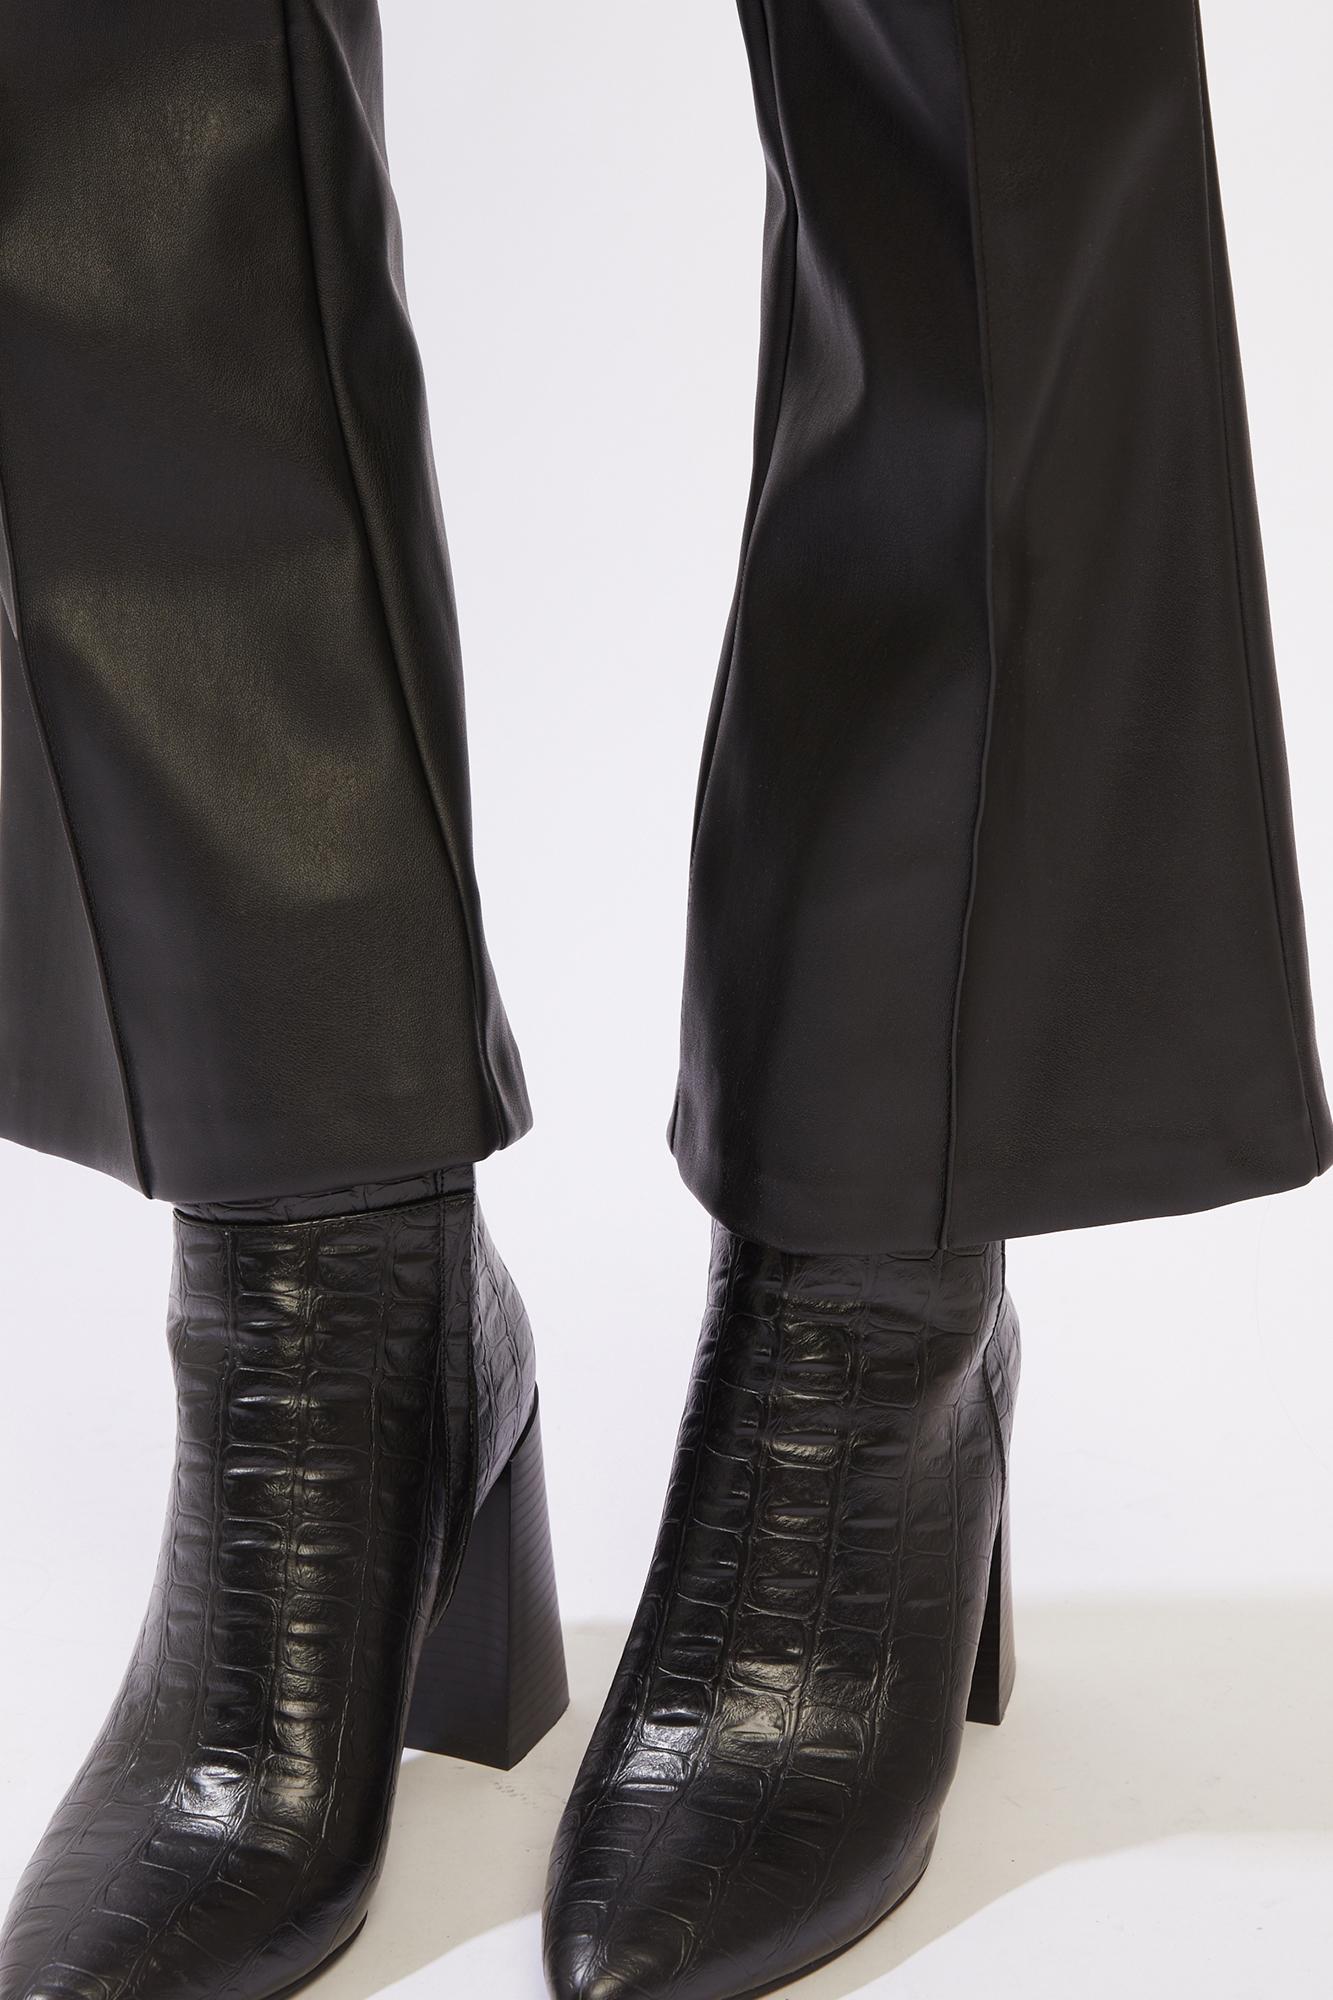 Pantalon flare crop noir - Pimkie